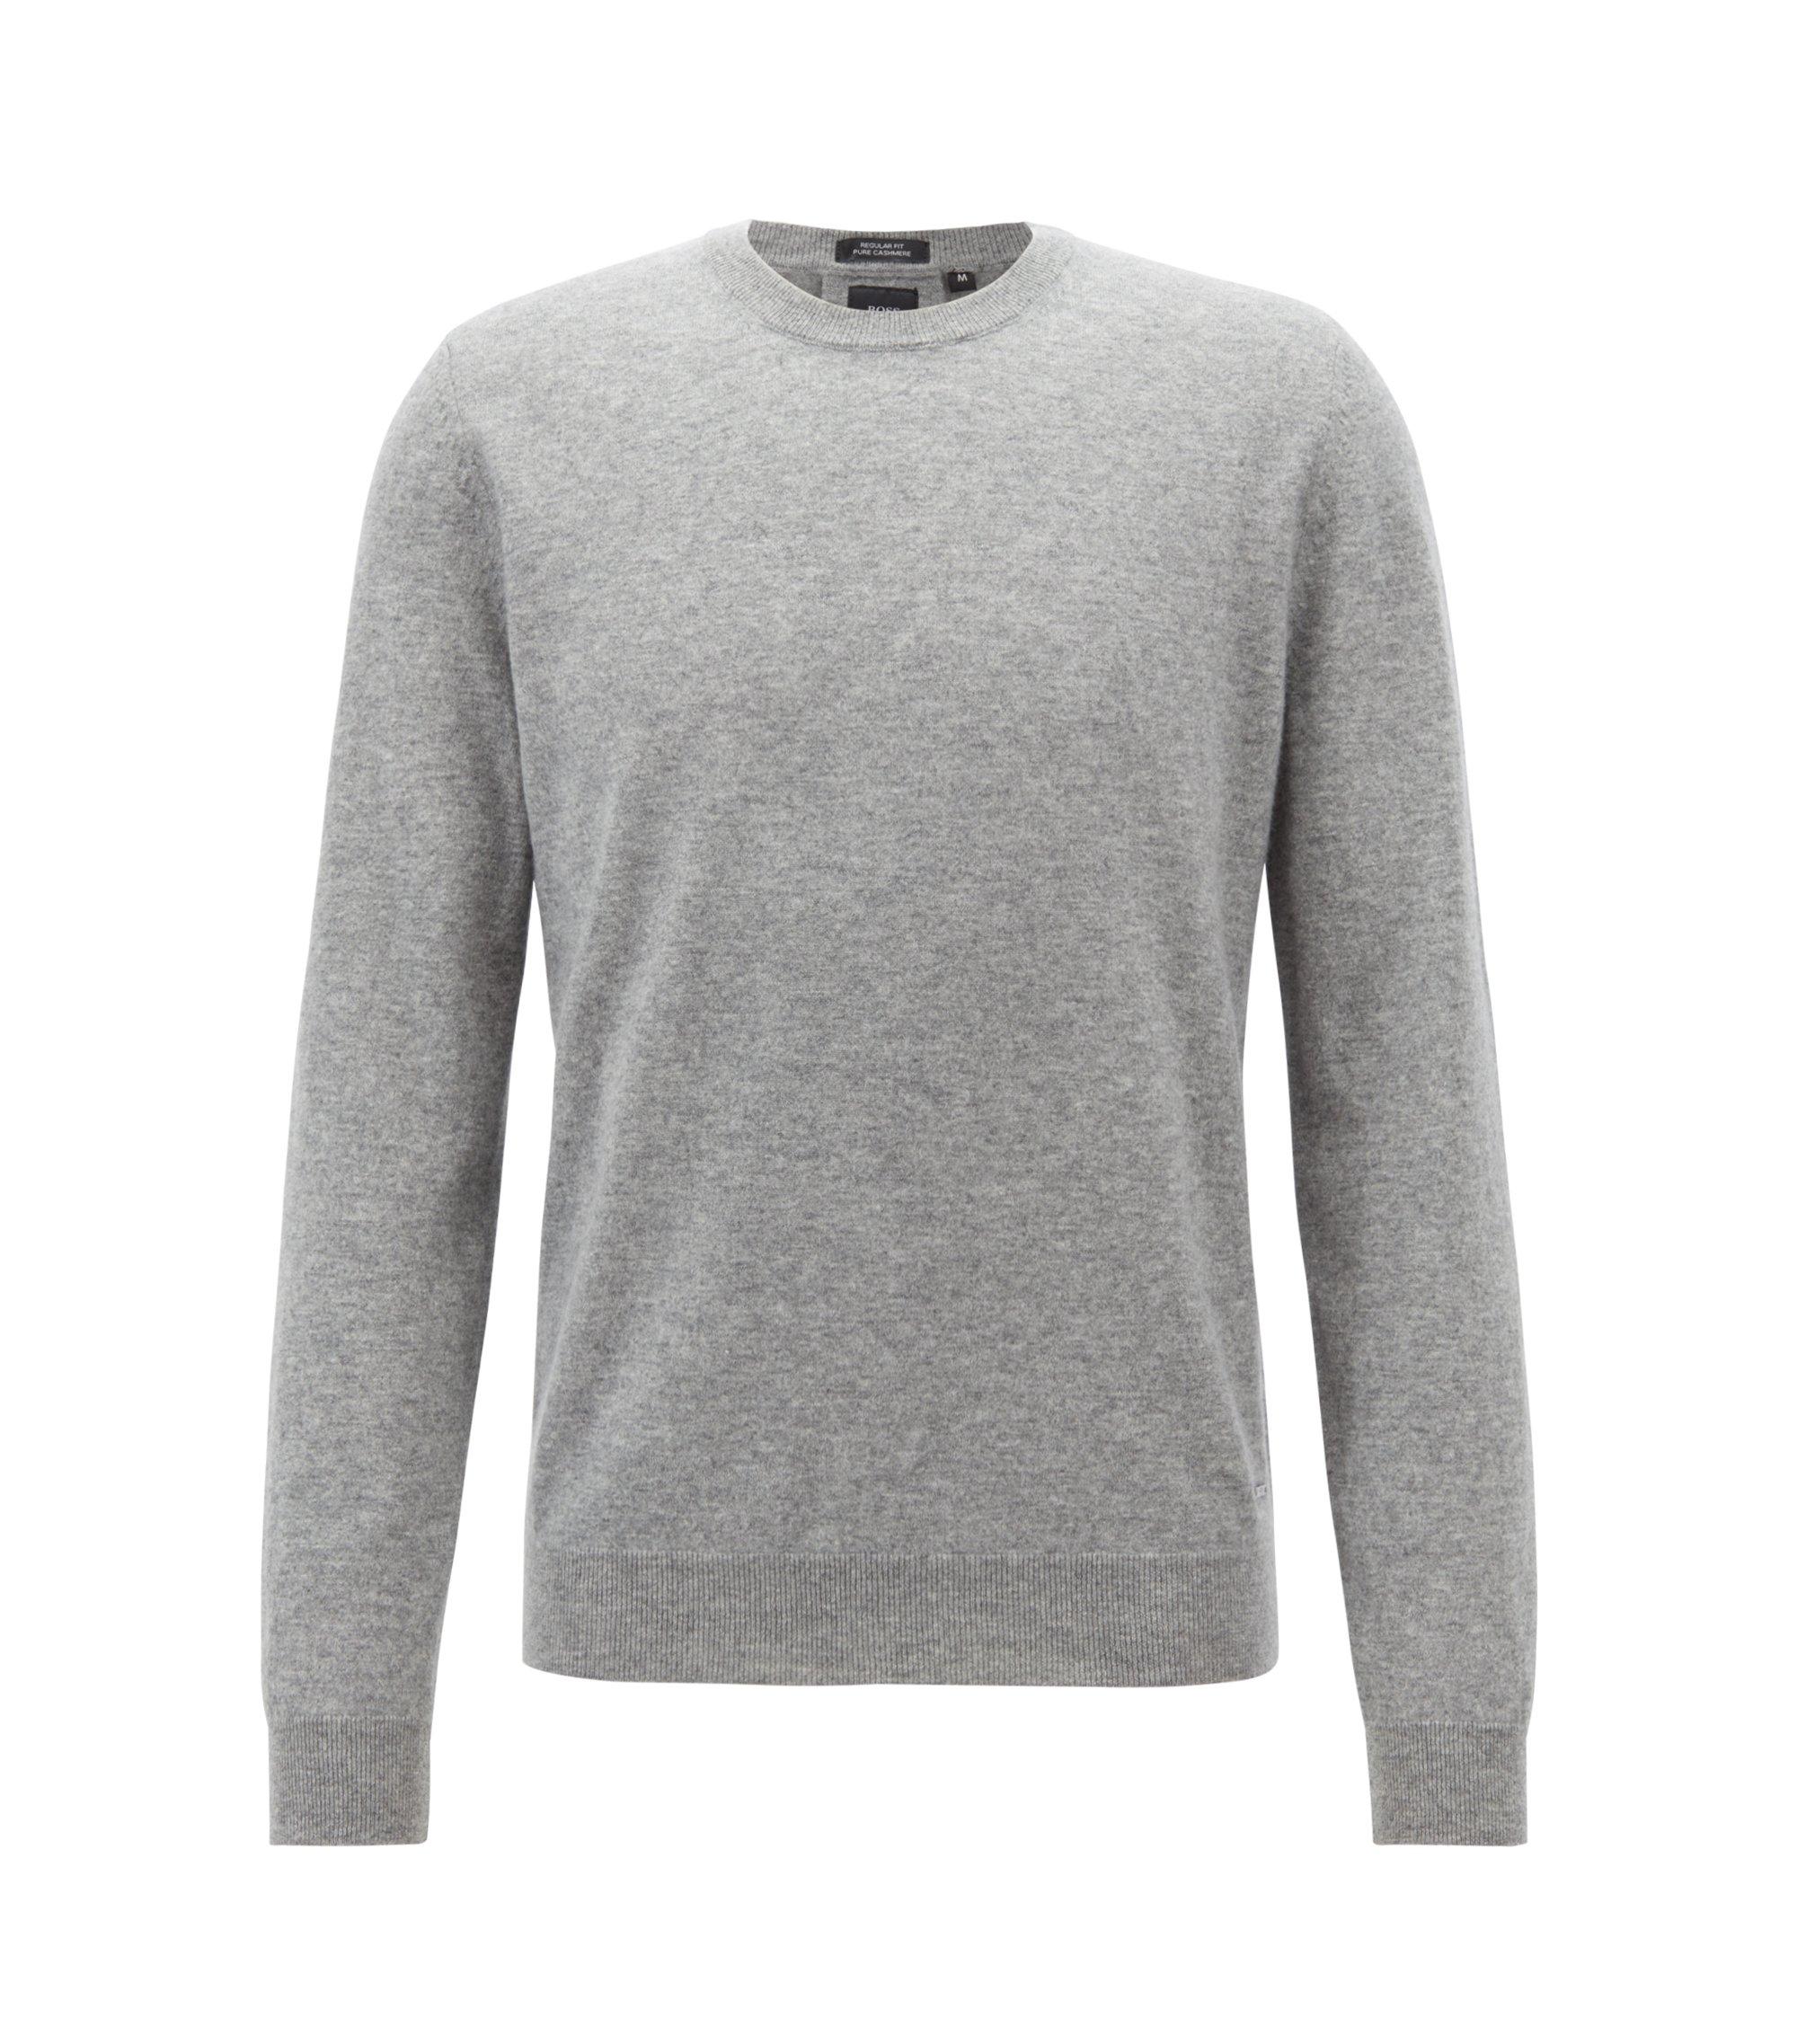 Leichter Regular-Fit Pullover aus italienischem Kaschmir, Silber